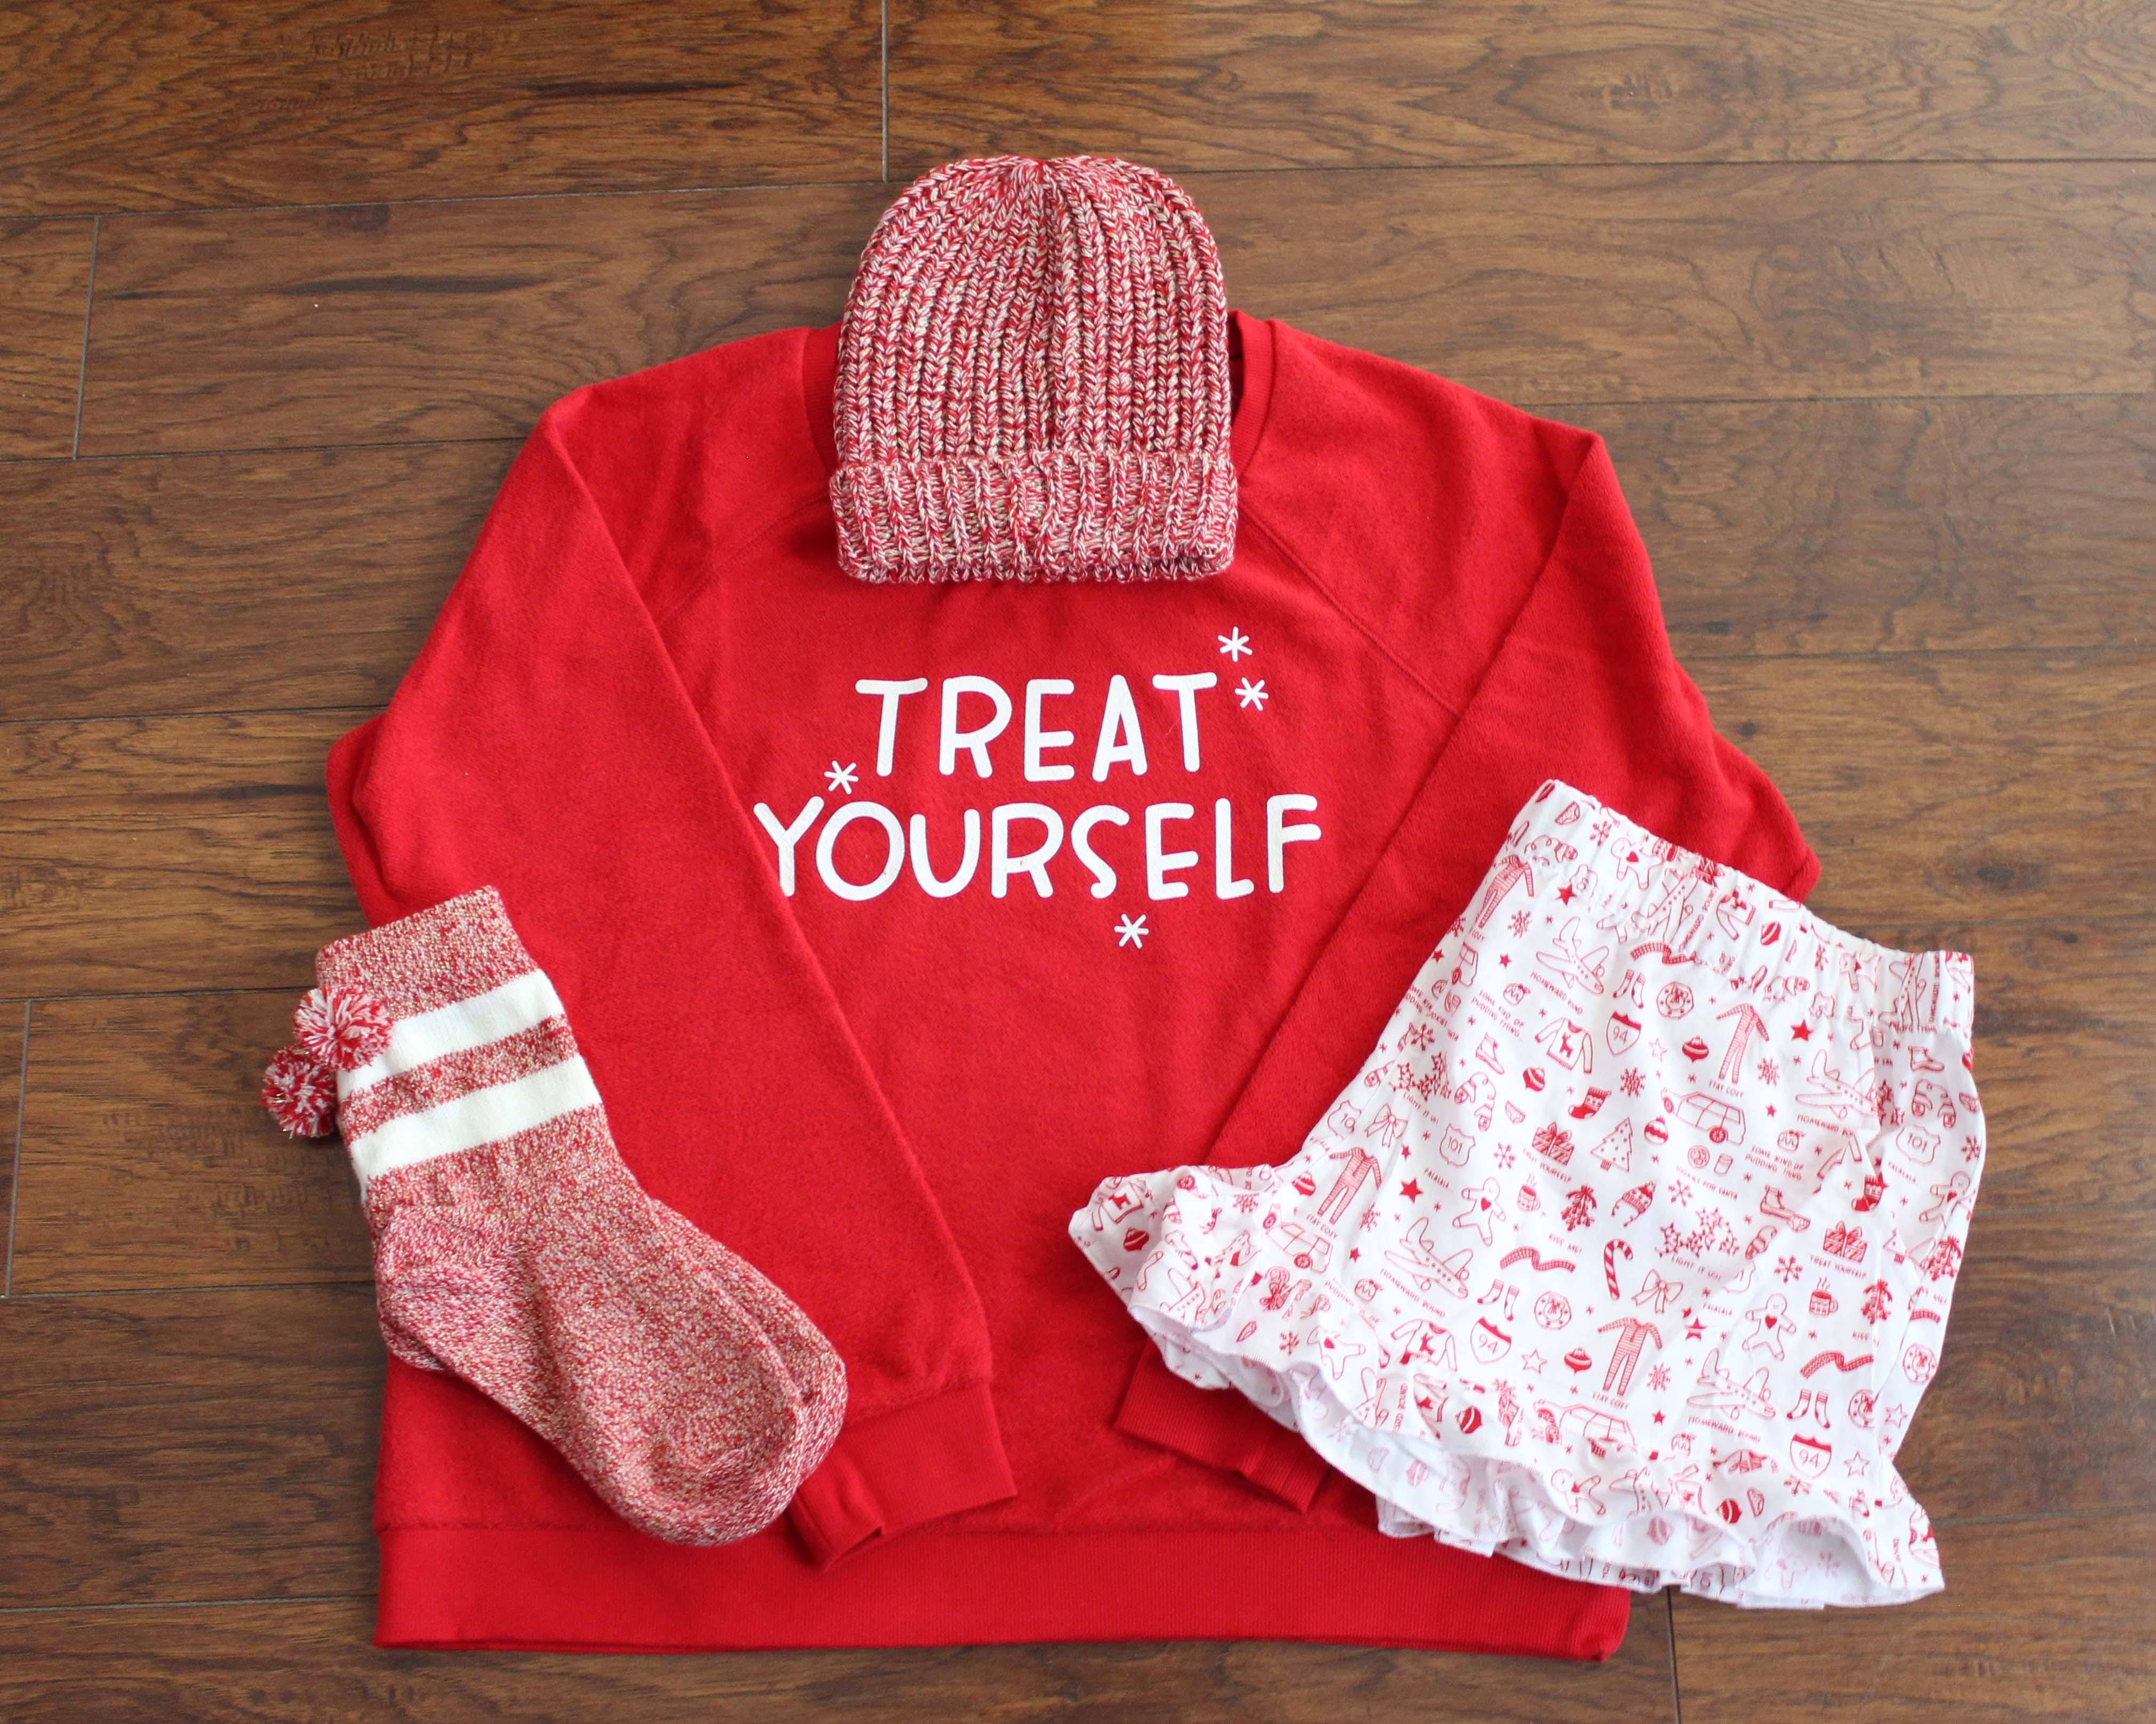 Treat Yourself 4 piece pajama set by Xhilaration